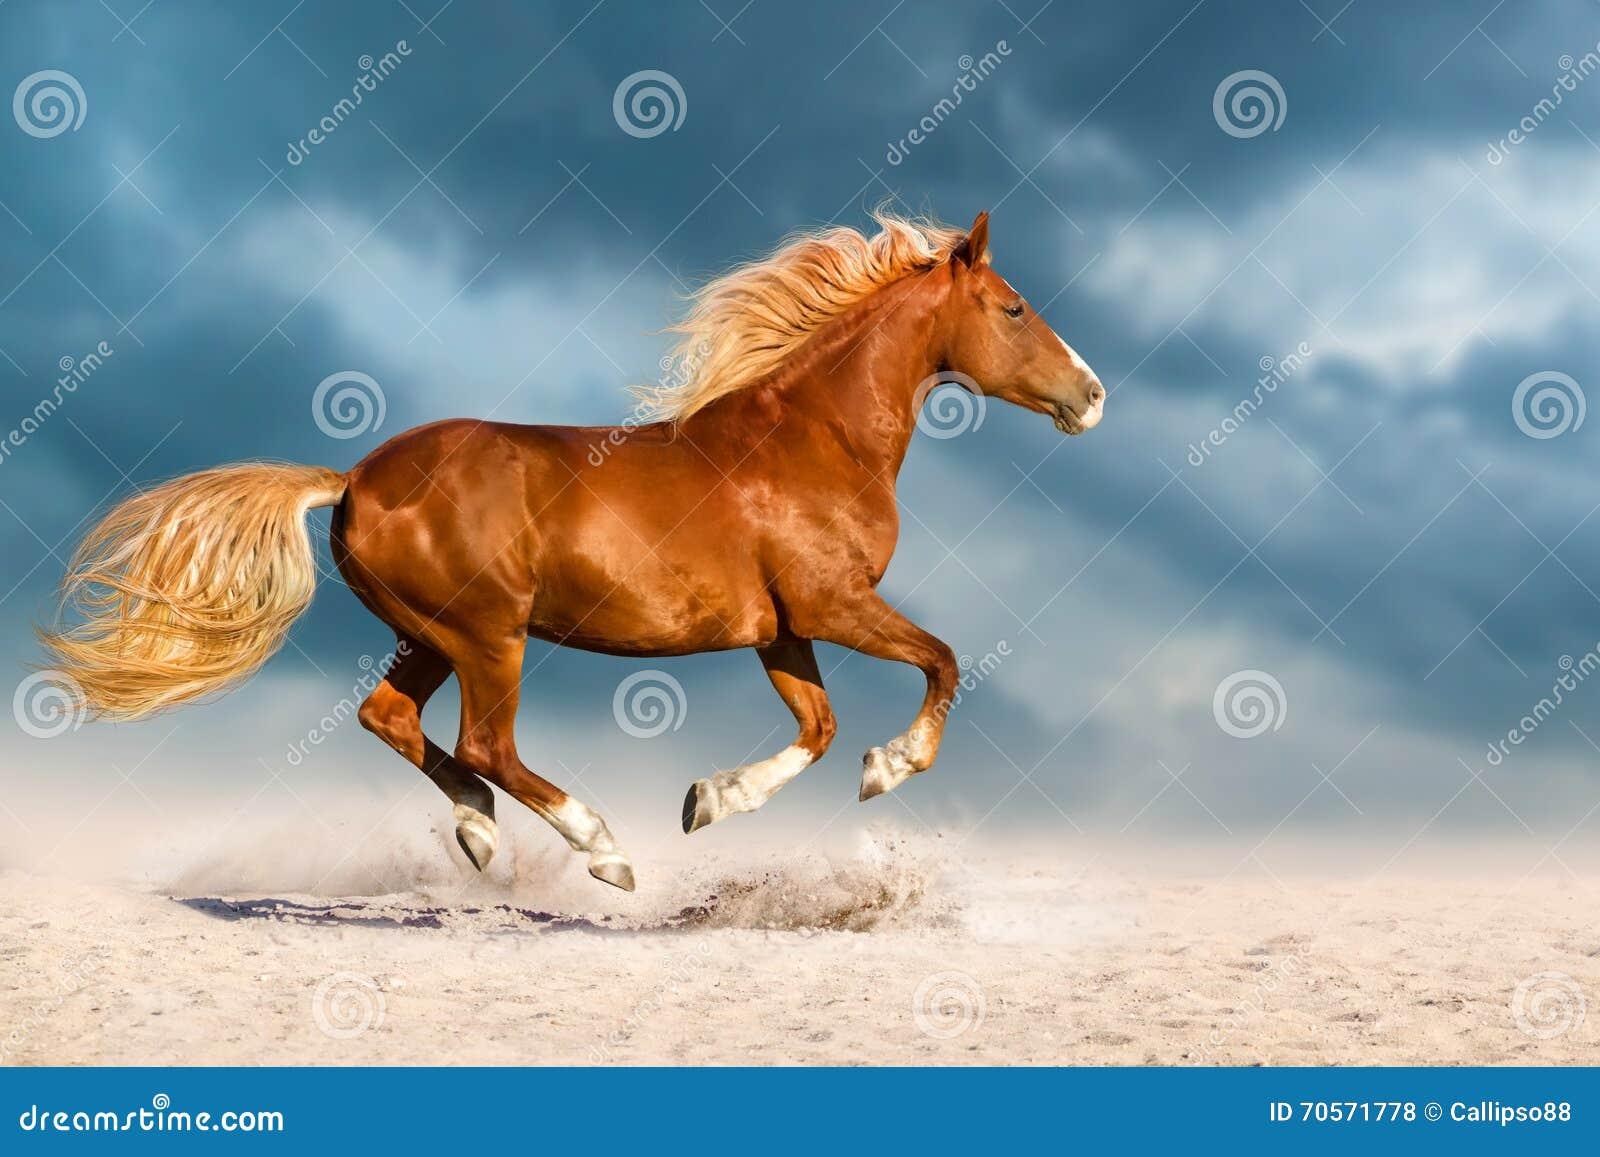 Rood die paard in woestijn in werking wordt gesteld